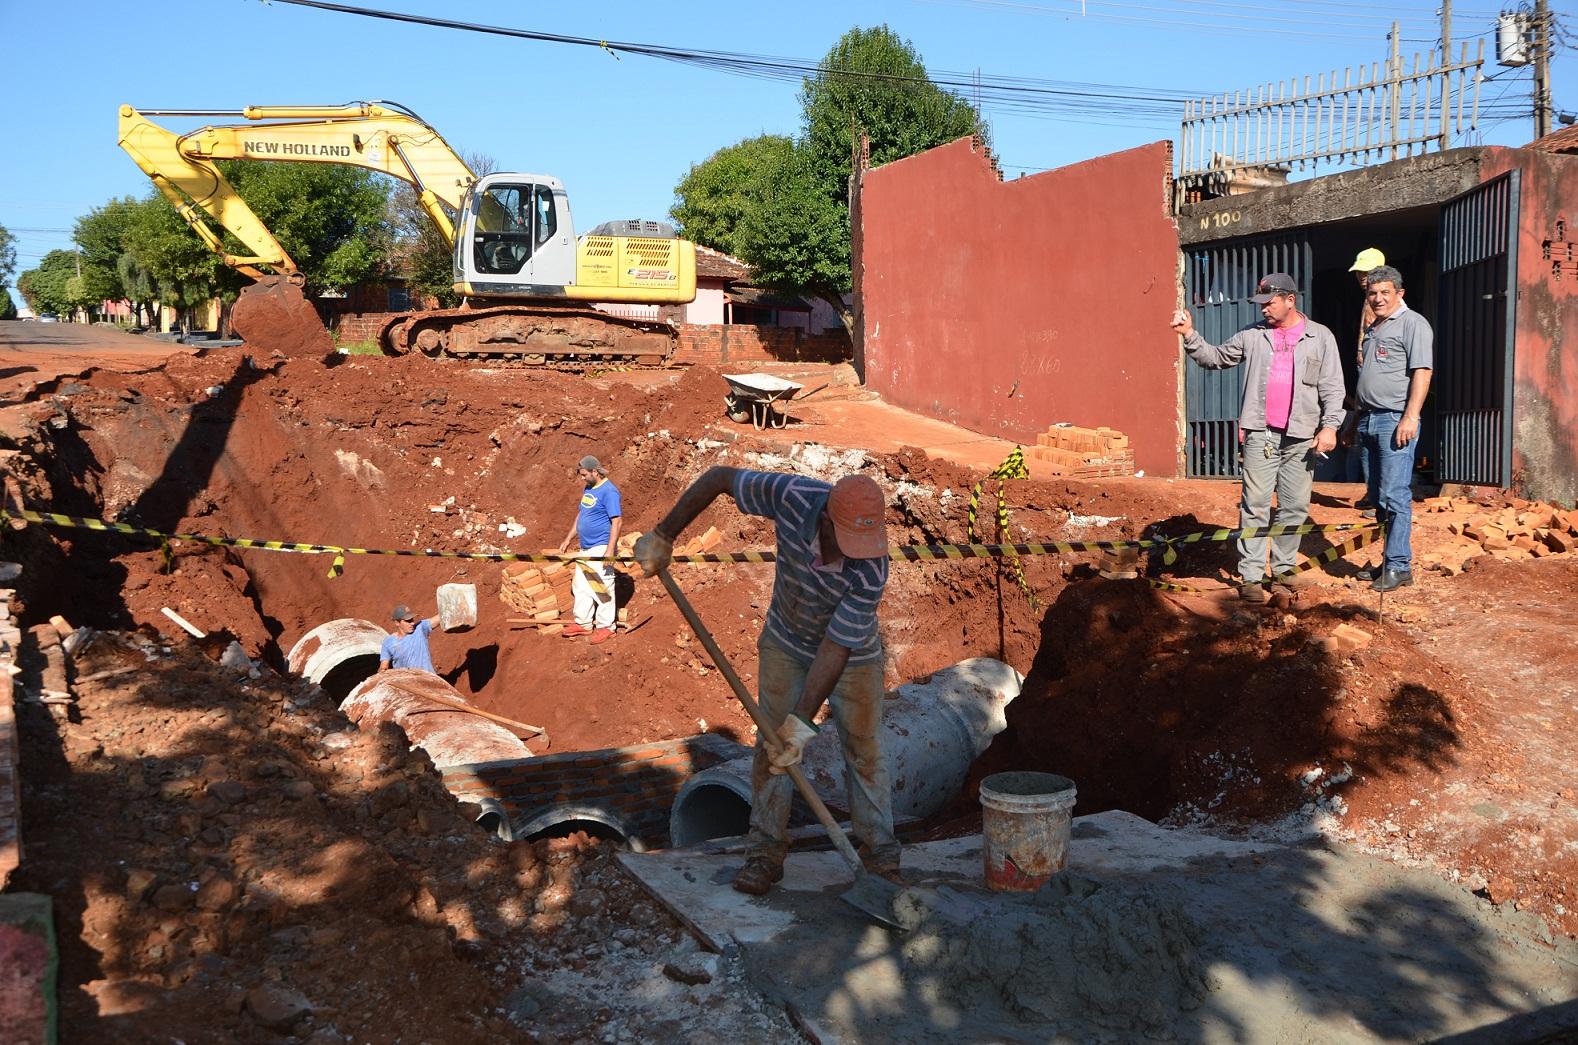 Galerias da Rua Rondônia devem ficam prontas até o final de semana, informou Secretaria de Obras